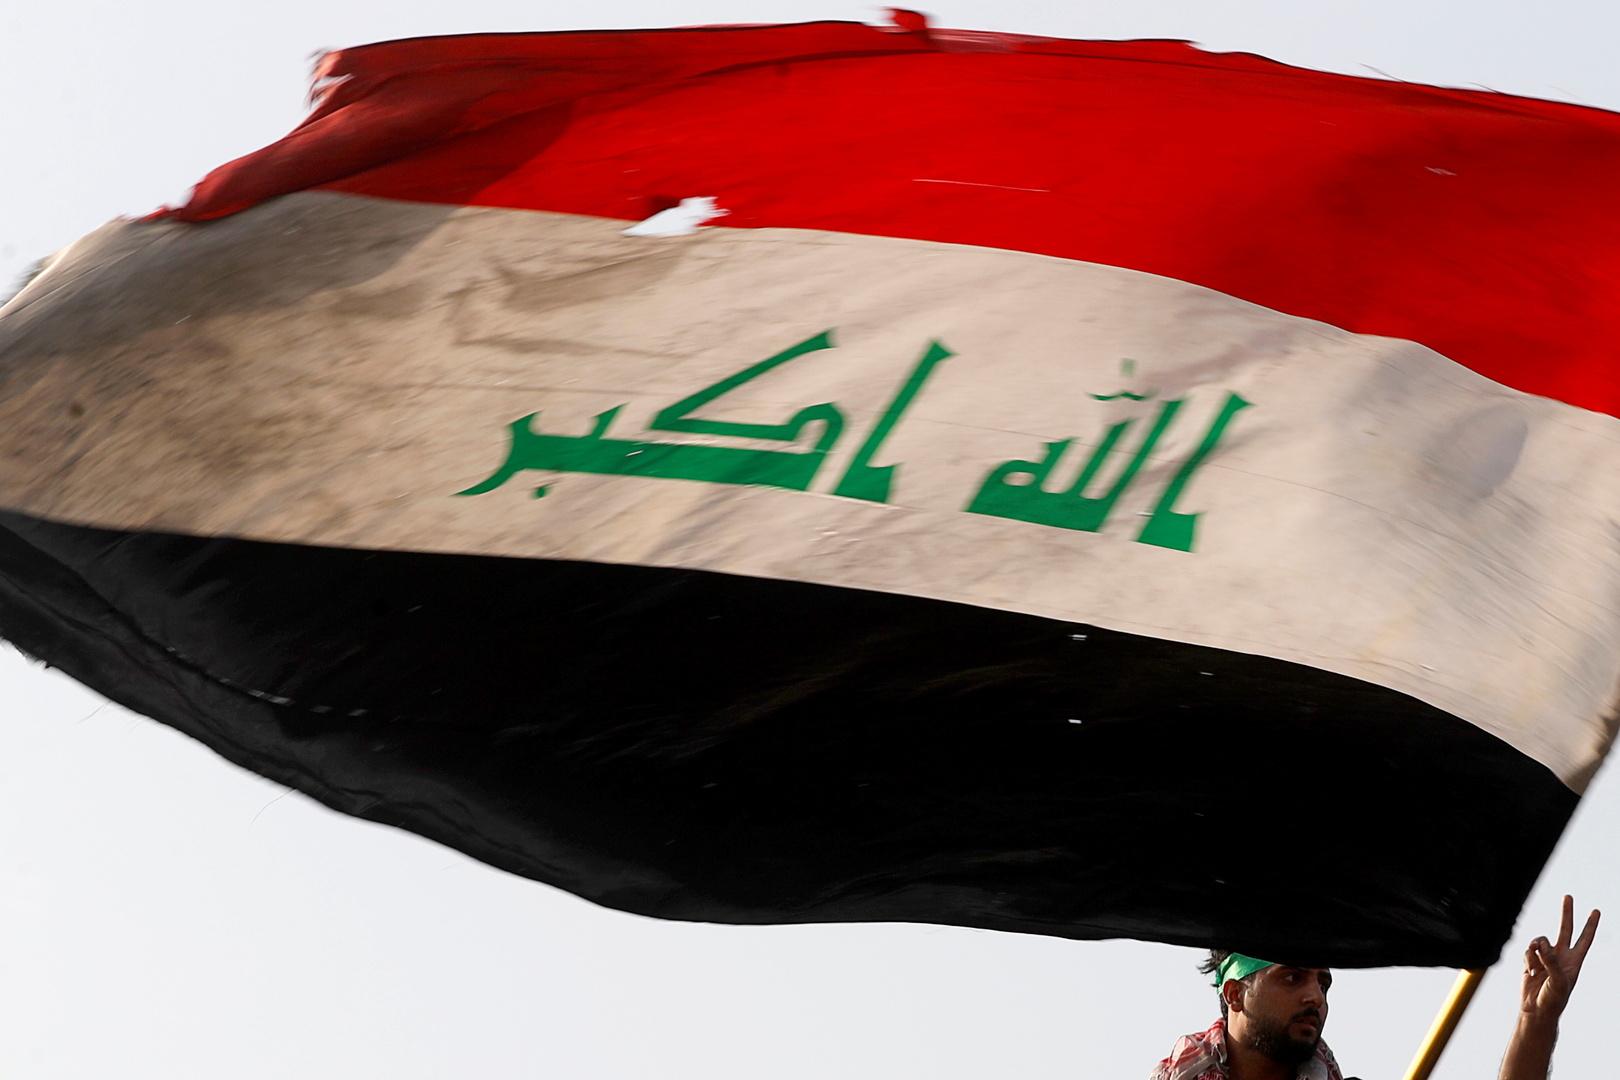 اشتباك بين أمن الحشد الشعبي وفصيل مسلح في دائرة حكومية بشمال العراق (فيديو)